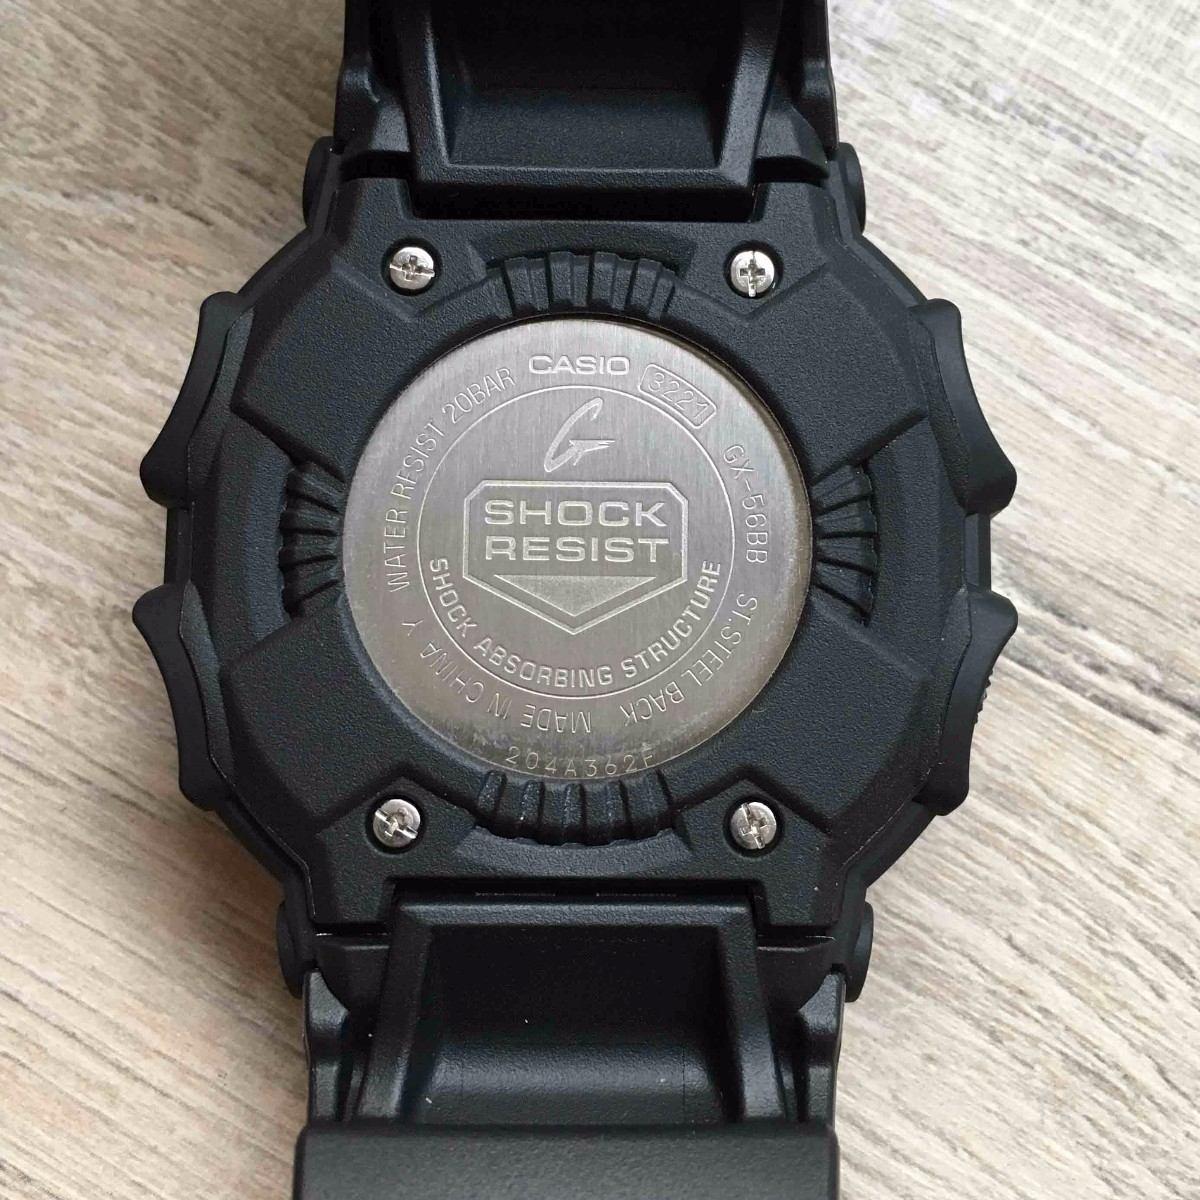 aaea32afbf8 relógio casio digital g shock gx56bb gx56 militar nf. Carregando zoom.